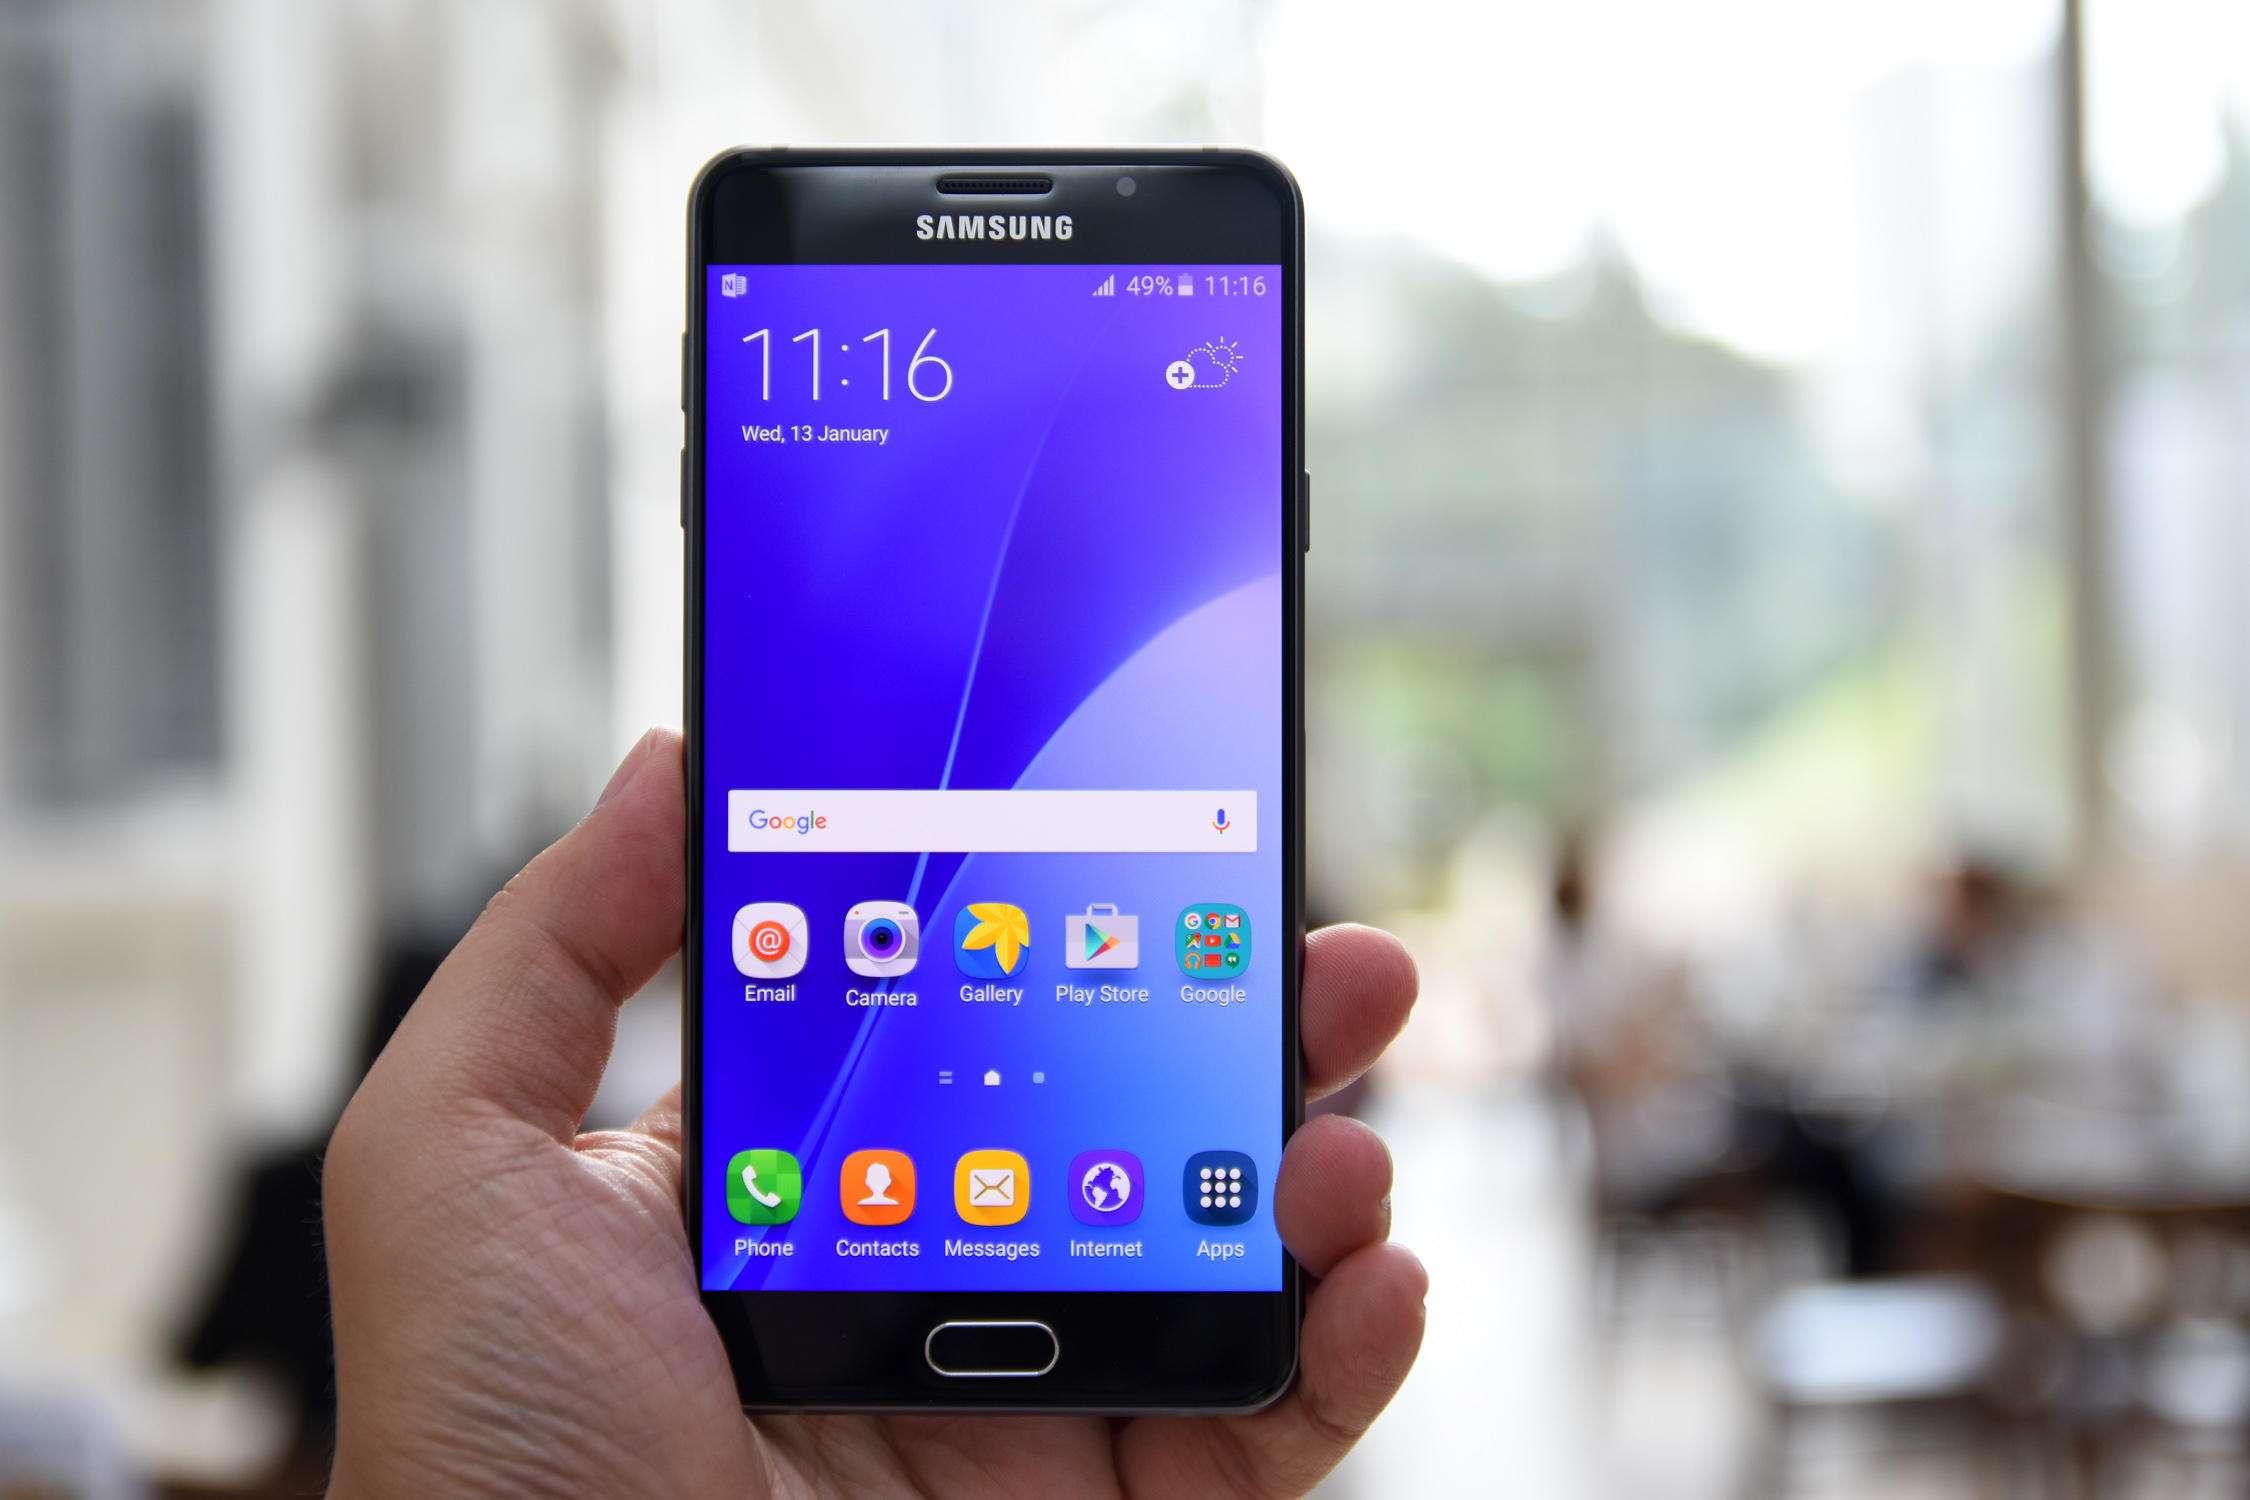 Galaxy%20A7%202016%20(7) - آیا (Galaxy A7 (2016 ارزش خرید دارد؟